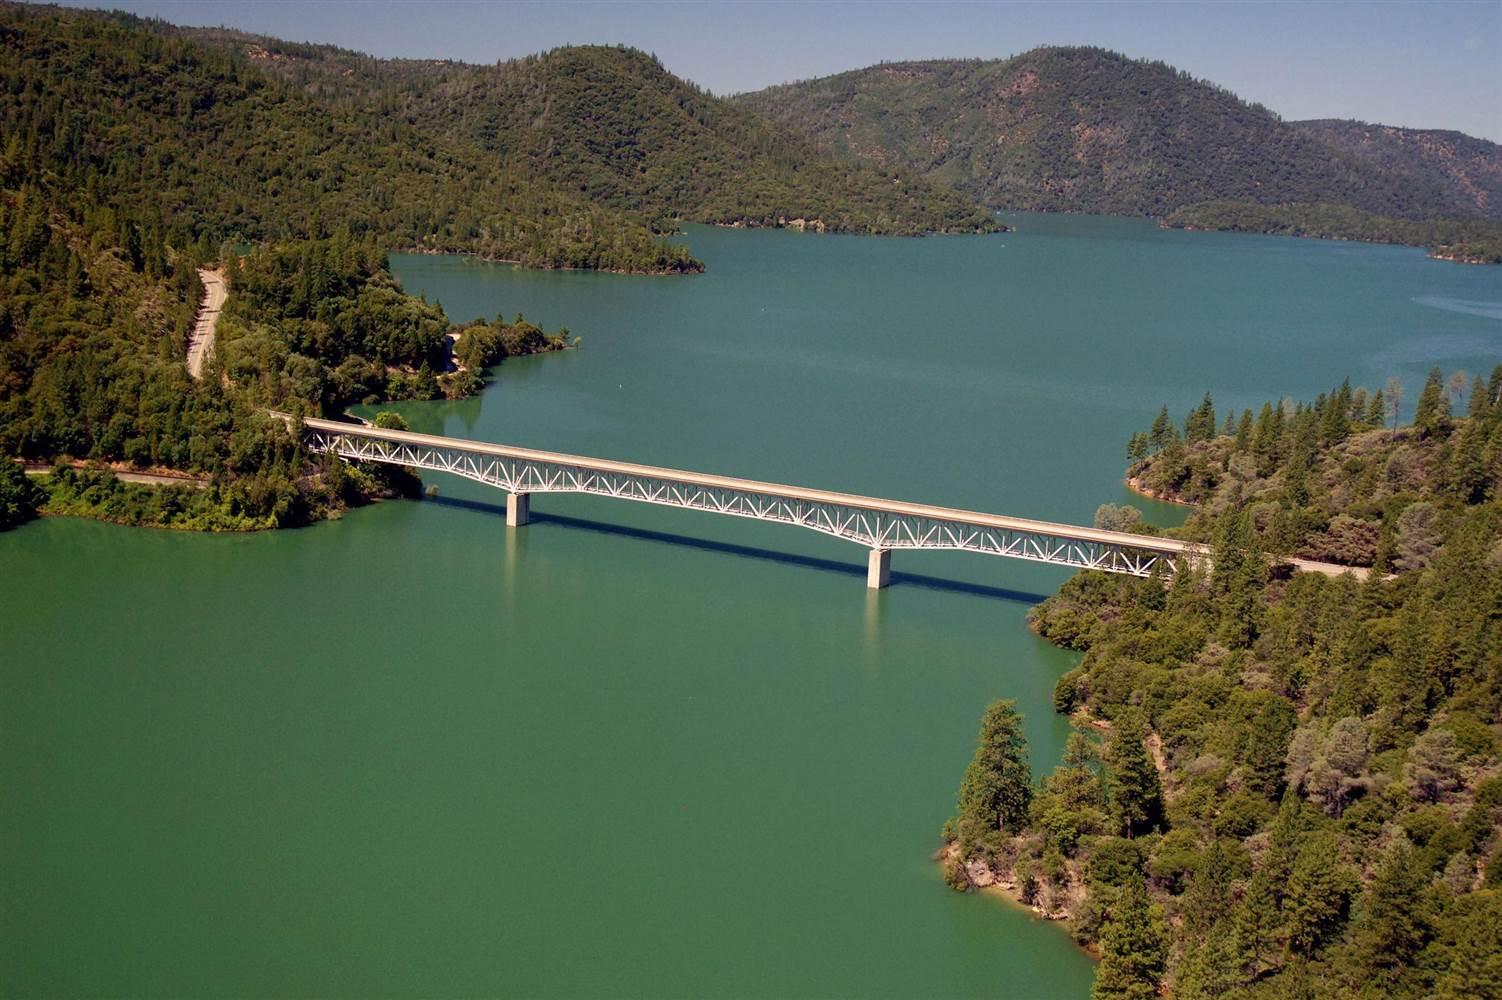 pc-140820-california-drought-02_df9e66504eb531798626153aae549f70.nbcnews-ux-2880-1000.jpg